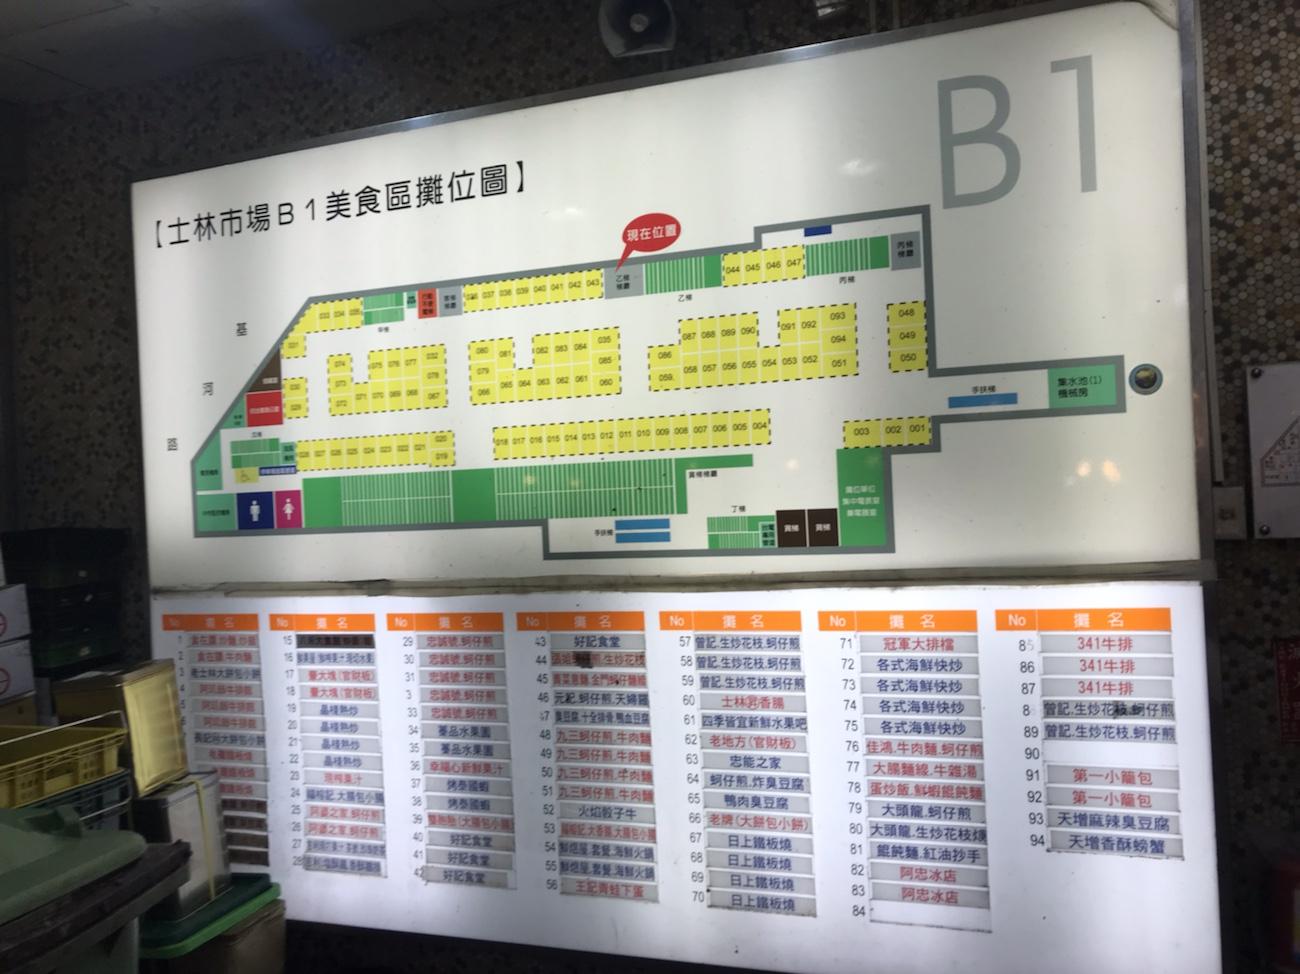 士林夜市 台湾グルメ 士林市場地下マップおすすめ 台湾旅行ブログ